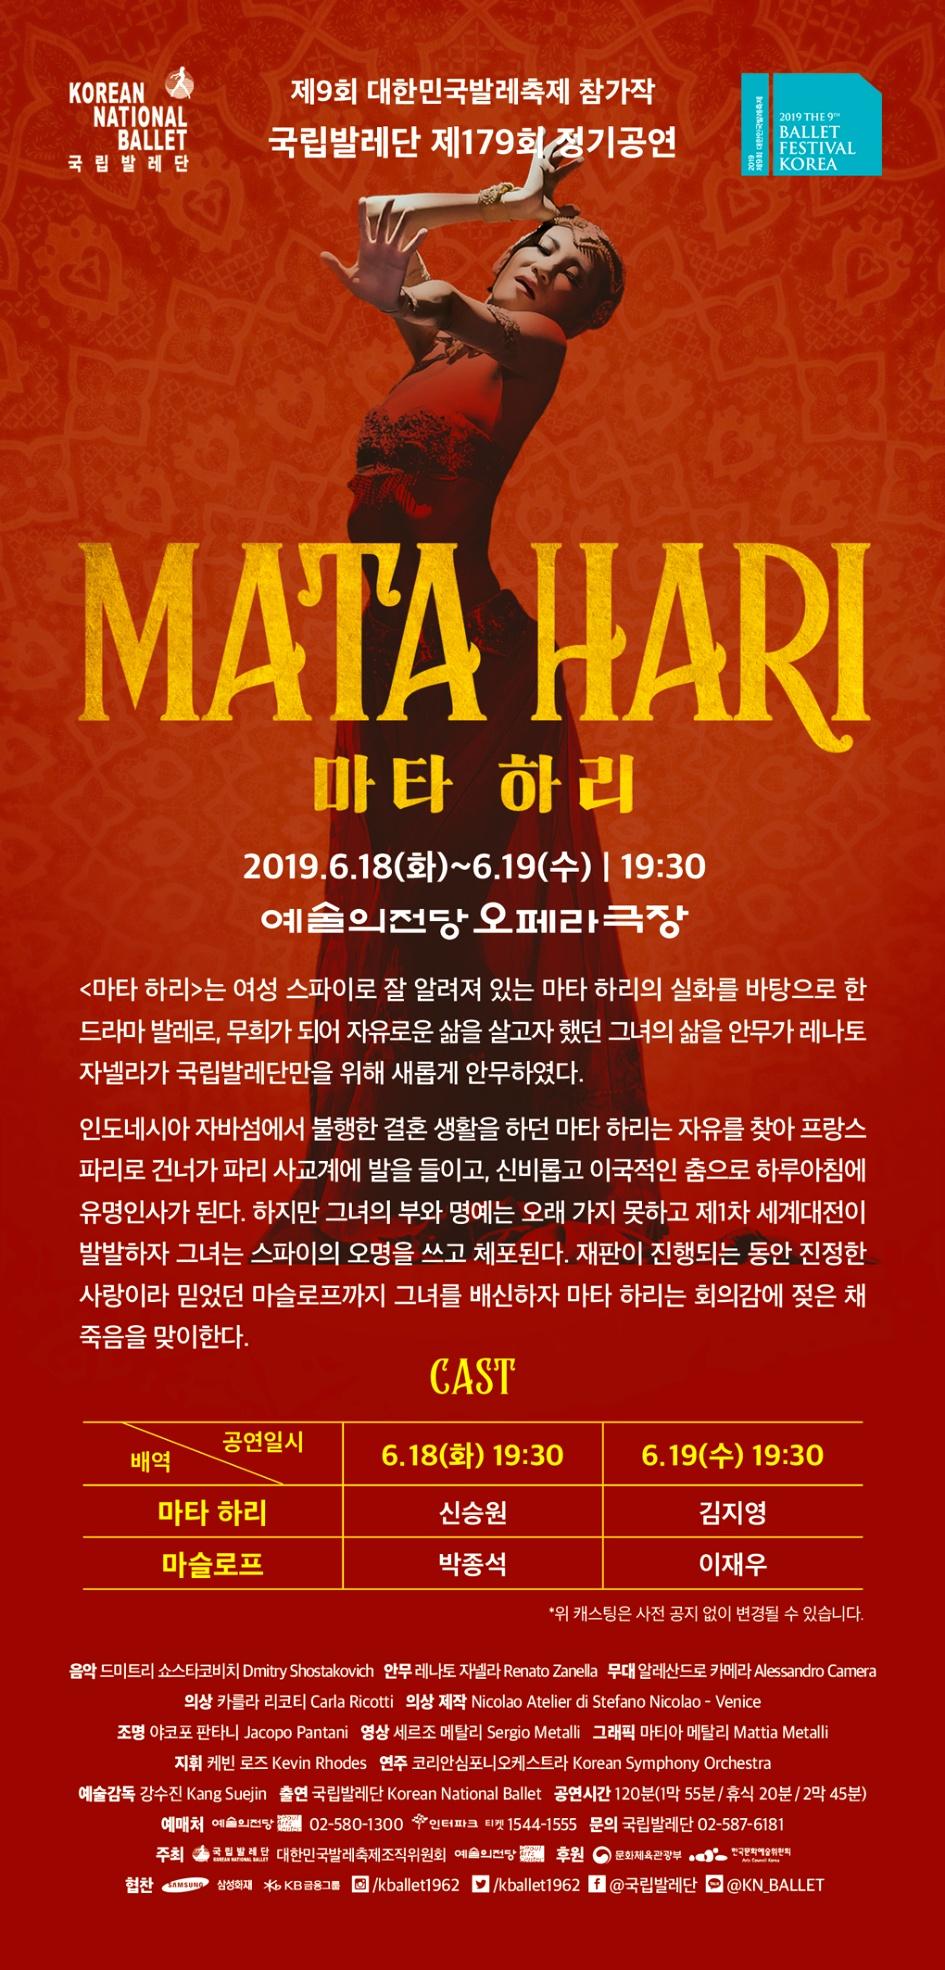 국립발레단 <마타 하리>/2019.6.19.수/예술의전당 오페라하우스